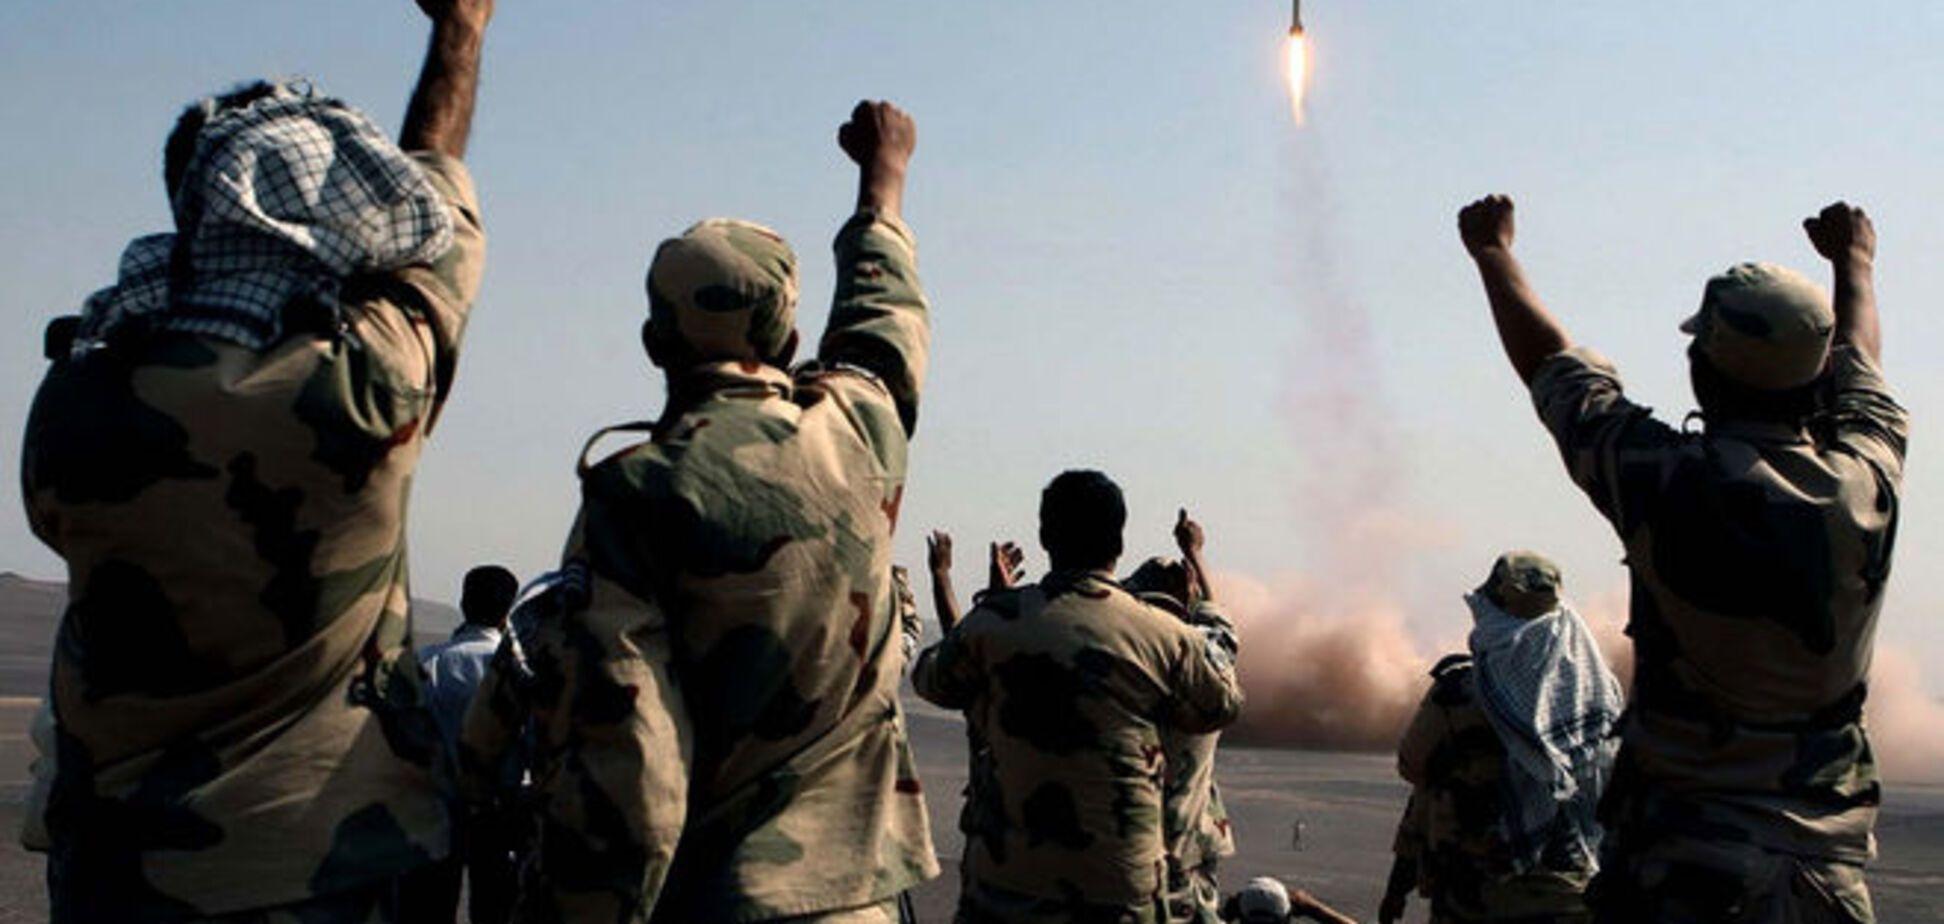 Иранское соглашение грозит Ближнему Востоку гонкой ядерных вооружений - ВВС